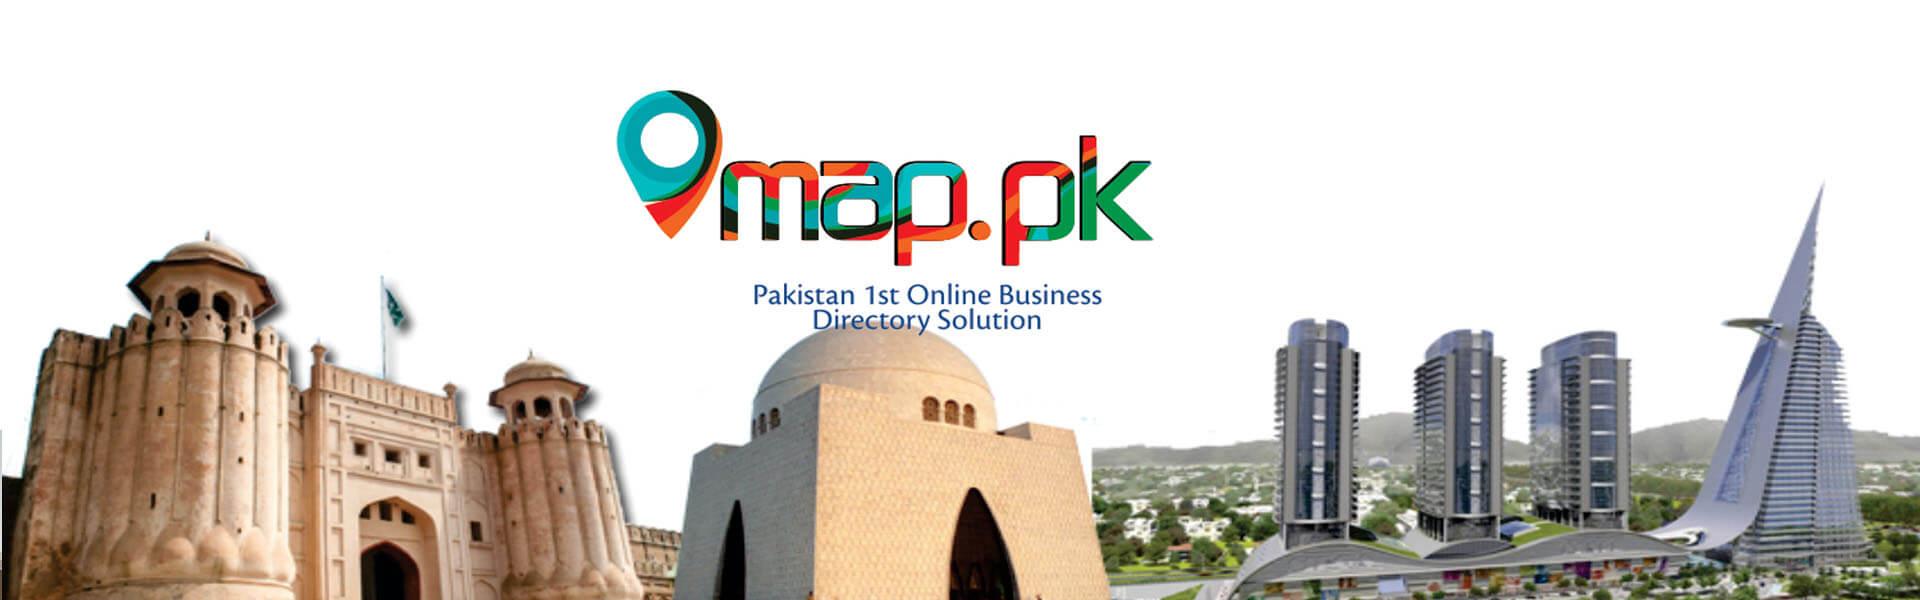 imap.pk-2